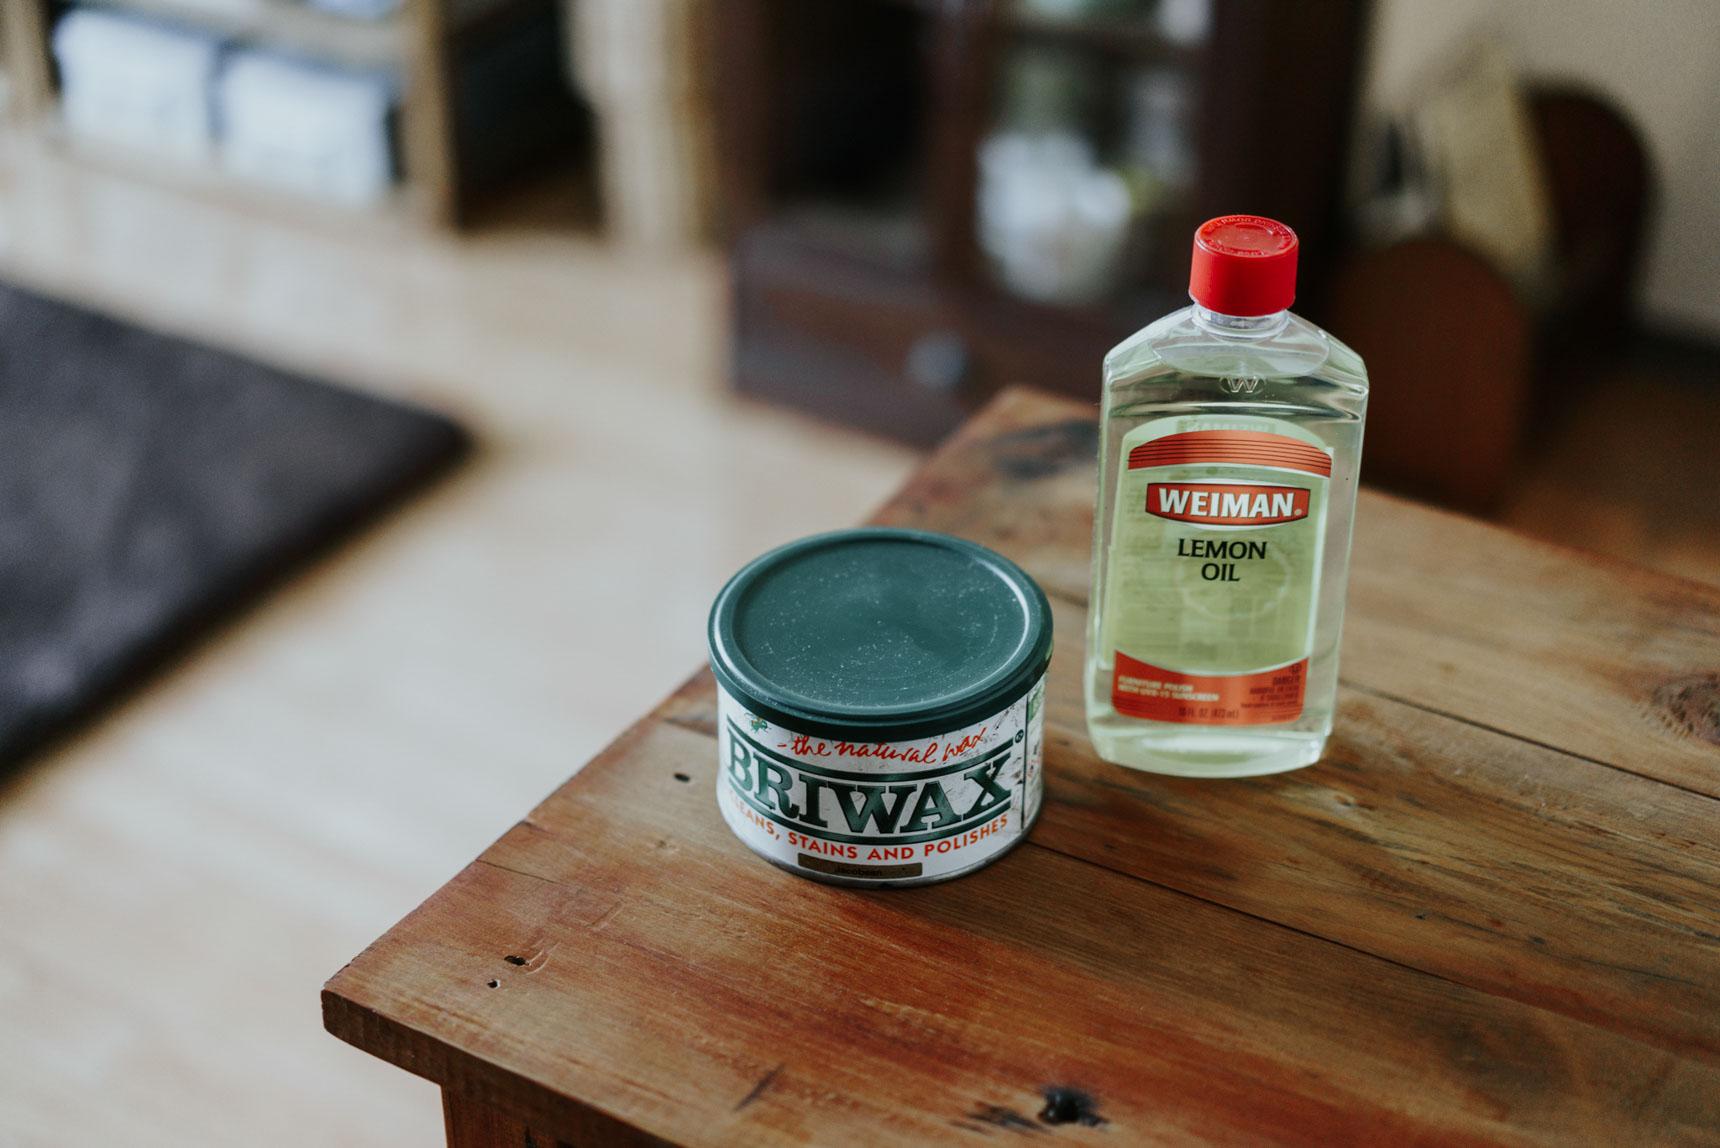 アンティークの家具に合わせた色味のブライワックスや、オイルを塗って仕上げています。「家具を磨いたり、オイルを塗ったり、メンテナンスをするのが好きなんです」とのこと。